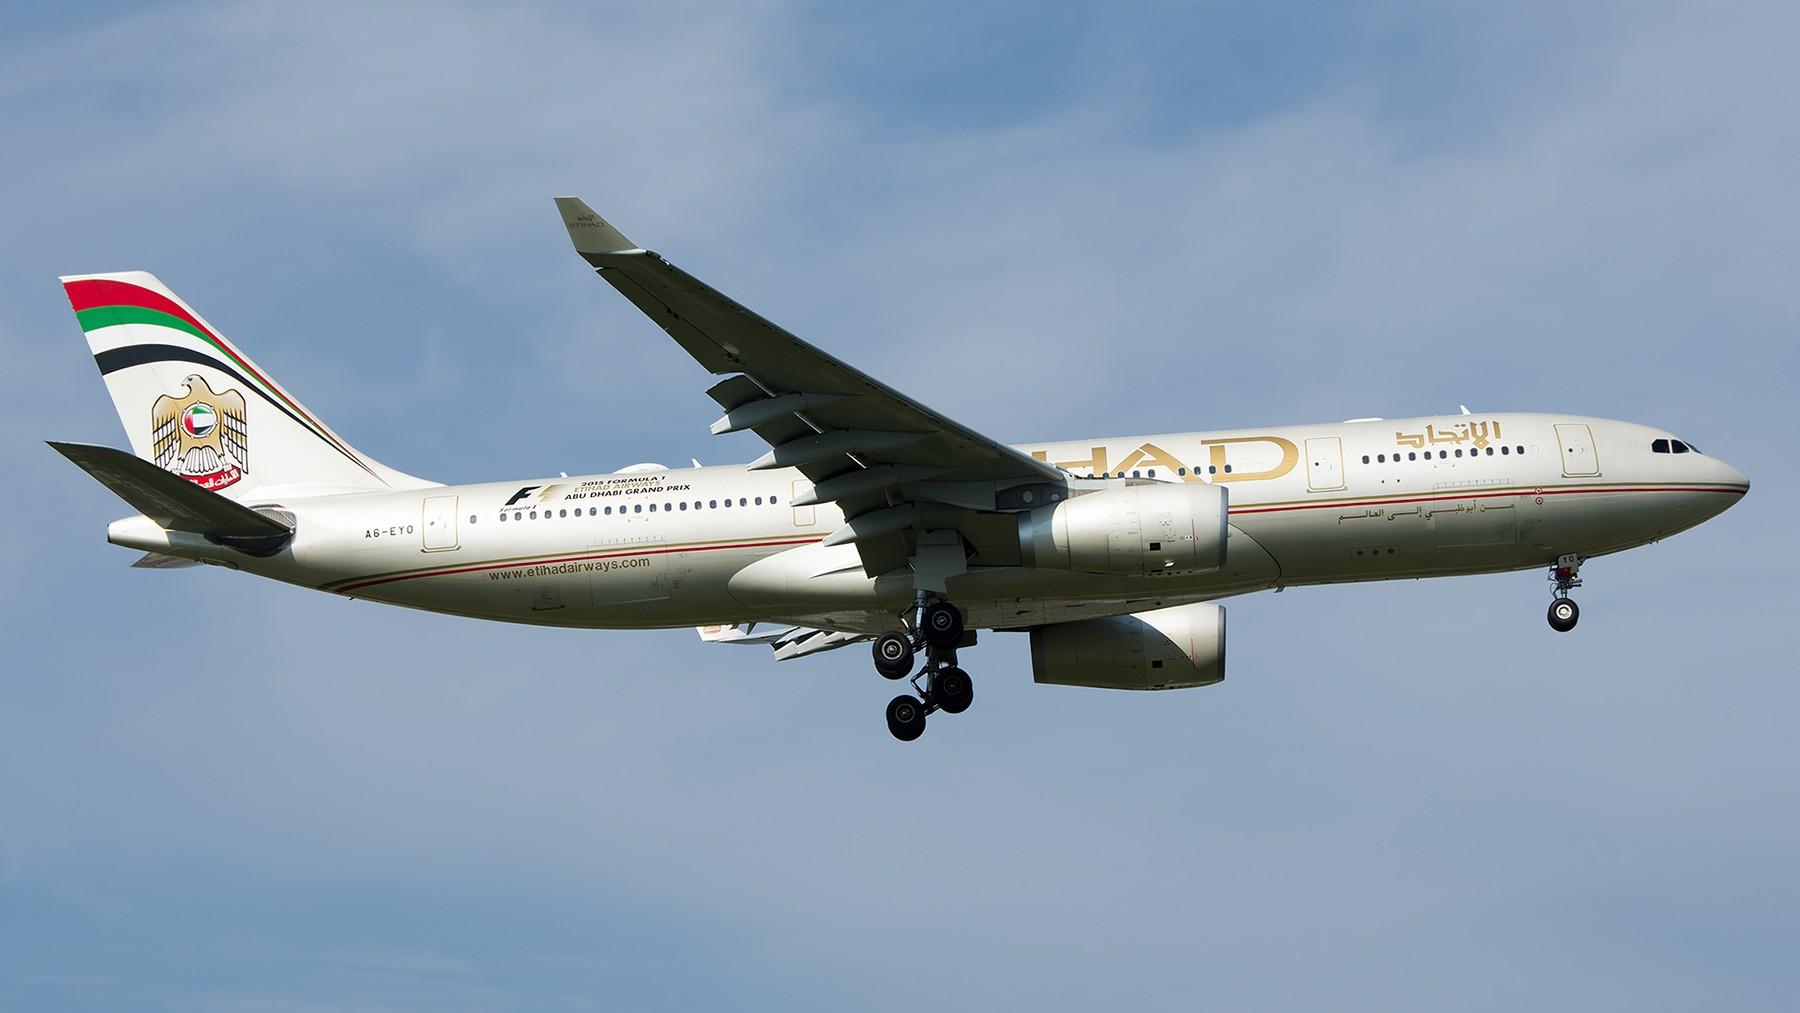 Re:[原创]终于放假了,出来冒个泡,随便发几张 AIRBUS A330-200 A6-EYO 中国北京首都国际机场